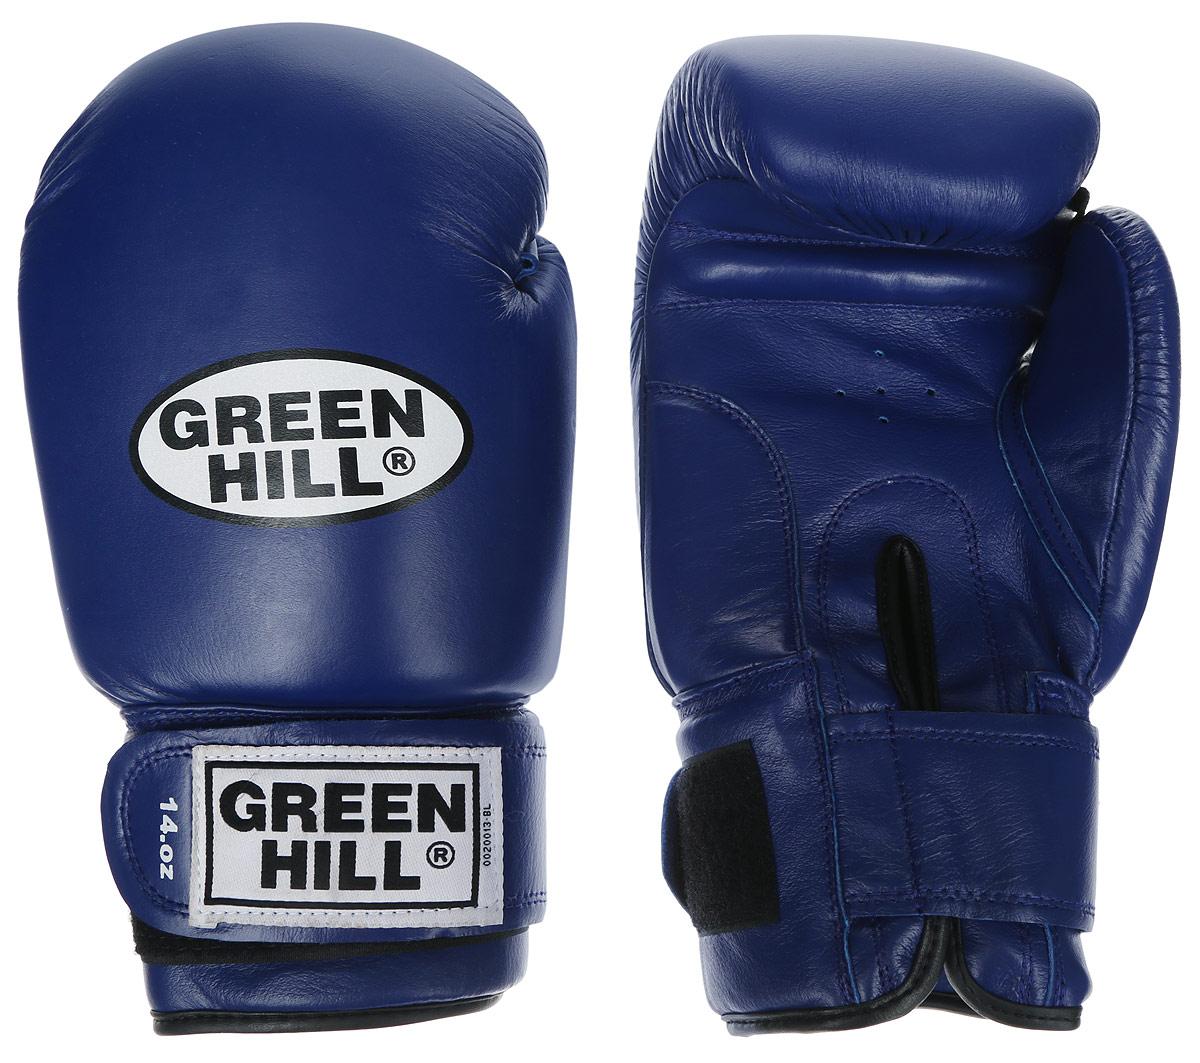 Перчатки боксерские Green Hill Super Star, цвет: синий, белый. Вес 12 унций. BGS-1213сAP02013Боксерские перчатки Green Hill Super Star предназначены для использования профессионалами. Подойдут для спаррингов и соревнований. Верх выполнен из натуральной кожи, наполнитель - из вспененного полимера. Отверстие в области ладони позволяет создать максимально комфортный терморежим во время занятий. Манжет на липучке способствует быстрому и удобному надеванию перчаток, плотно фиксирует перчатки на руке.